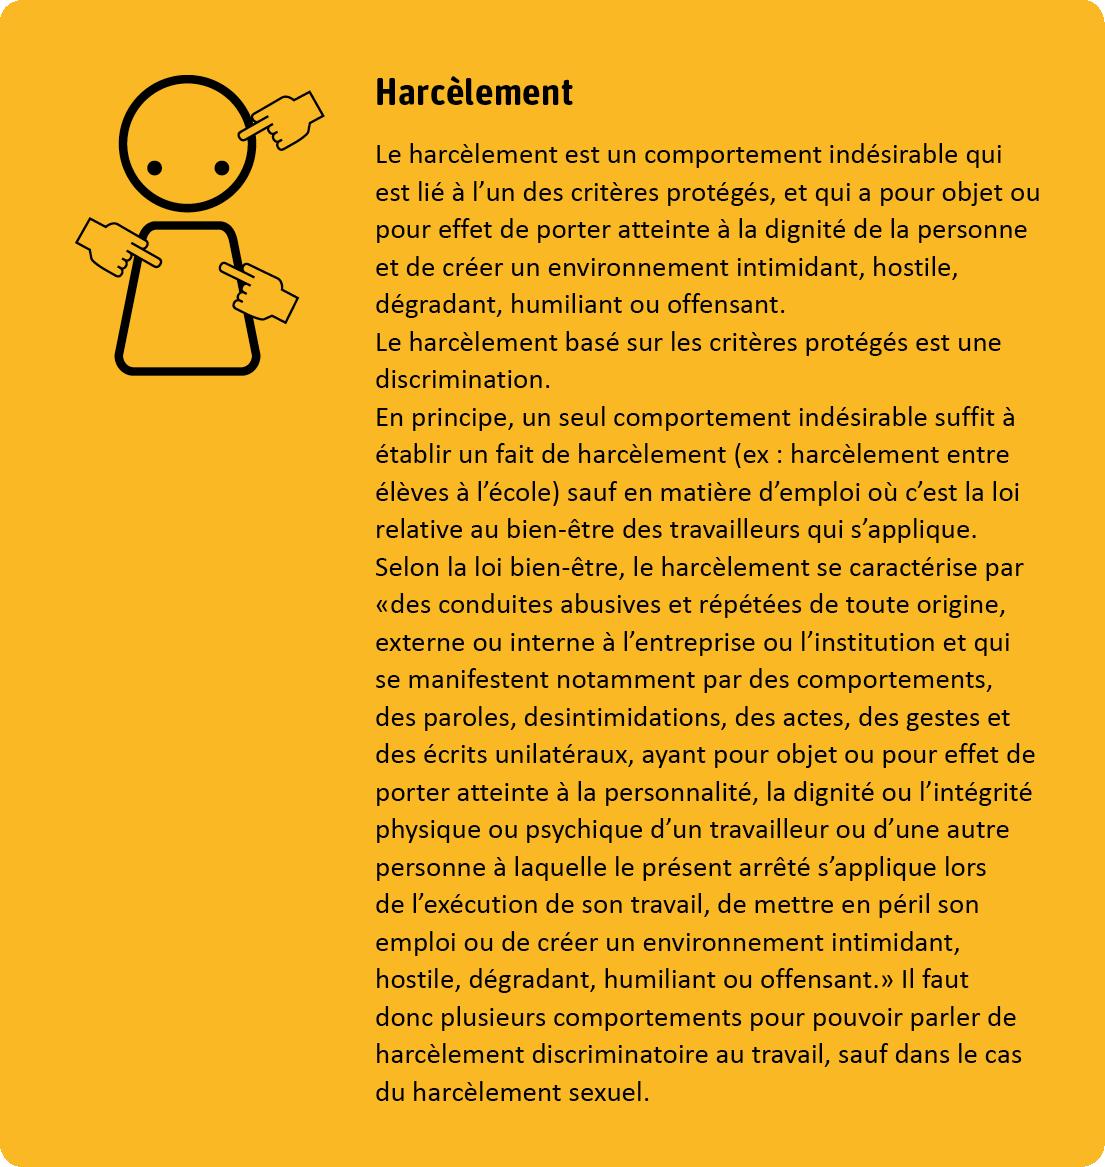 Le harcèlement est un comportement indésirable qui est lié à l'un des critères protégés, et qui a pour objet ou pour effet de porter atteinte à la dignité de la personne et de créer un environnement intimidant, hostile, dégradant, humiliant ou offensant. Le harcèlement basé sur les critères protégés est une discrimination. En principe, un seul comportement indésirable suffit à établir un fait de harcèlement sauf en matière d'emploi où c'est la loi relative au bien-être des travailleurs qui s'applique. Selon la loi bien-être, le harcèlement se caractérise par des conduites abusives et répétées de toute origine, externe ou interne à l'entreprise ou l'institution et qui se manifestent notemment par des comportements, des paroles, des intimidations, des actes, des gestes et des écrits unilatéreaux, ayant pour objet ou pour effet de porter atteinte à la personnalité, la dignité ou l'intégrité physique ou psychique d'un travailleur ou d'une autre personne à laquelle le présent arrêté s'applique lors de l'exécution de son travail, de mettre en péril son emploi ou de créer un environnement intimidant, hostile, dégradant, humiliant ou offensant. Il faut donc plusieurs comportements pour pouvoir parler de harcèlement discriminatoire au travail, sauf dans le cas du harcèlement sexuel.